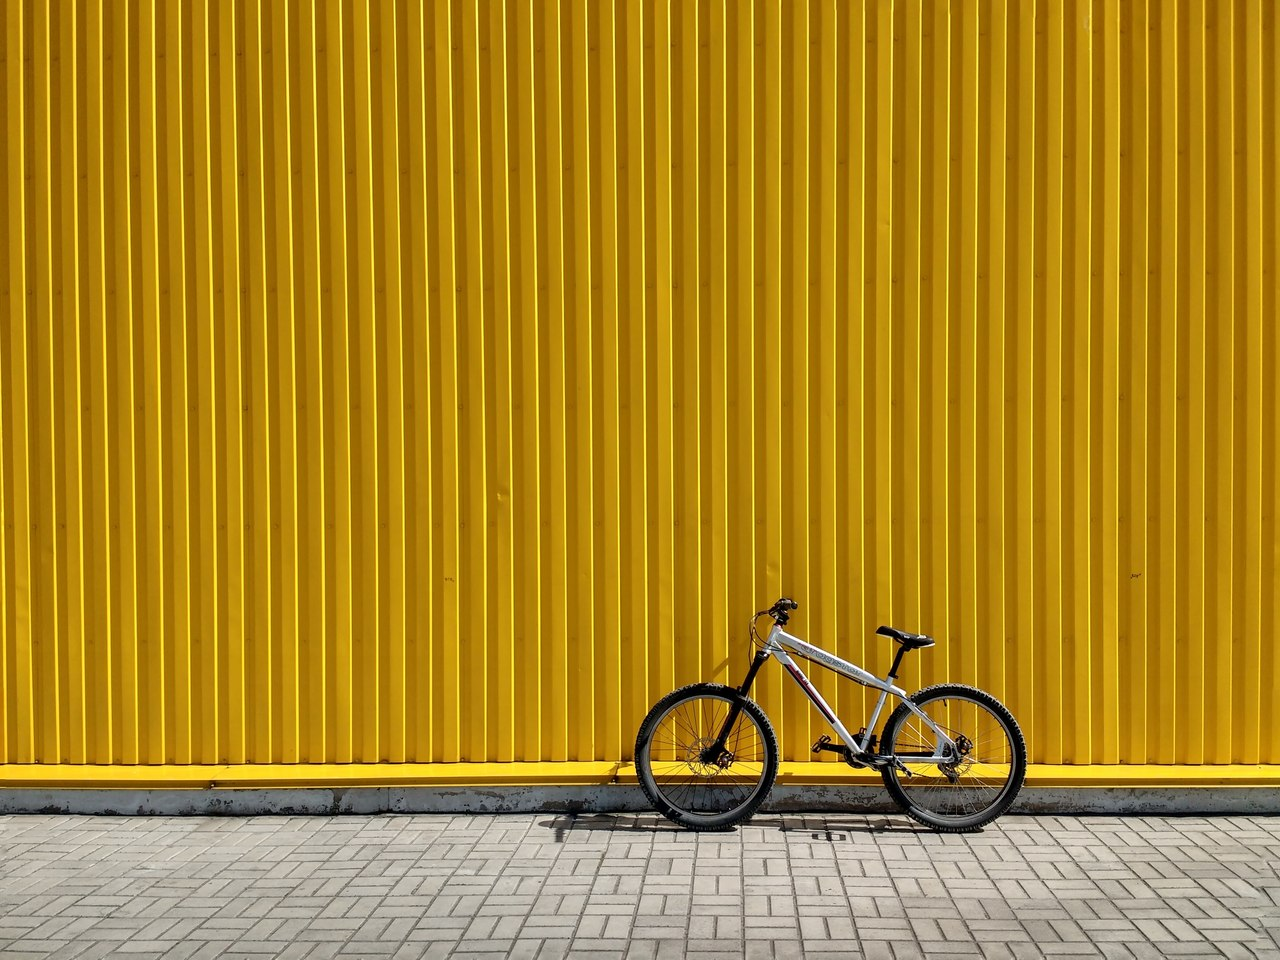 parede no fundo amarela bike na frente